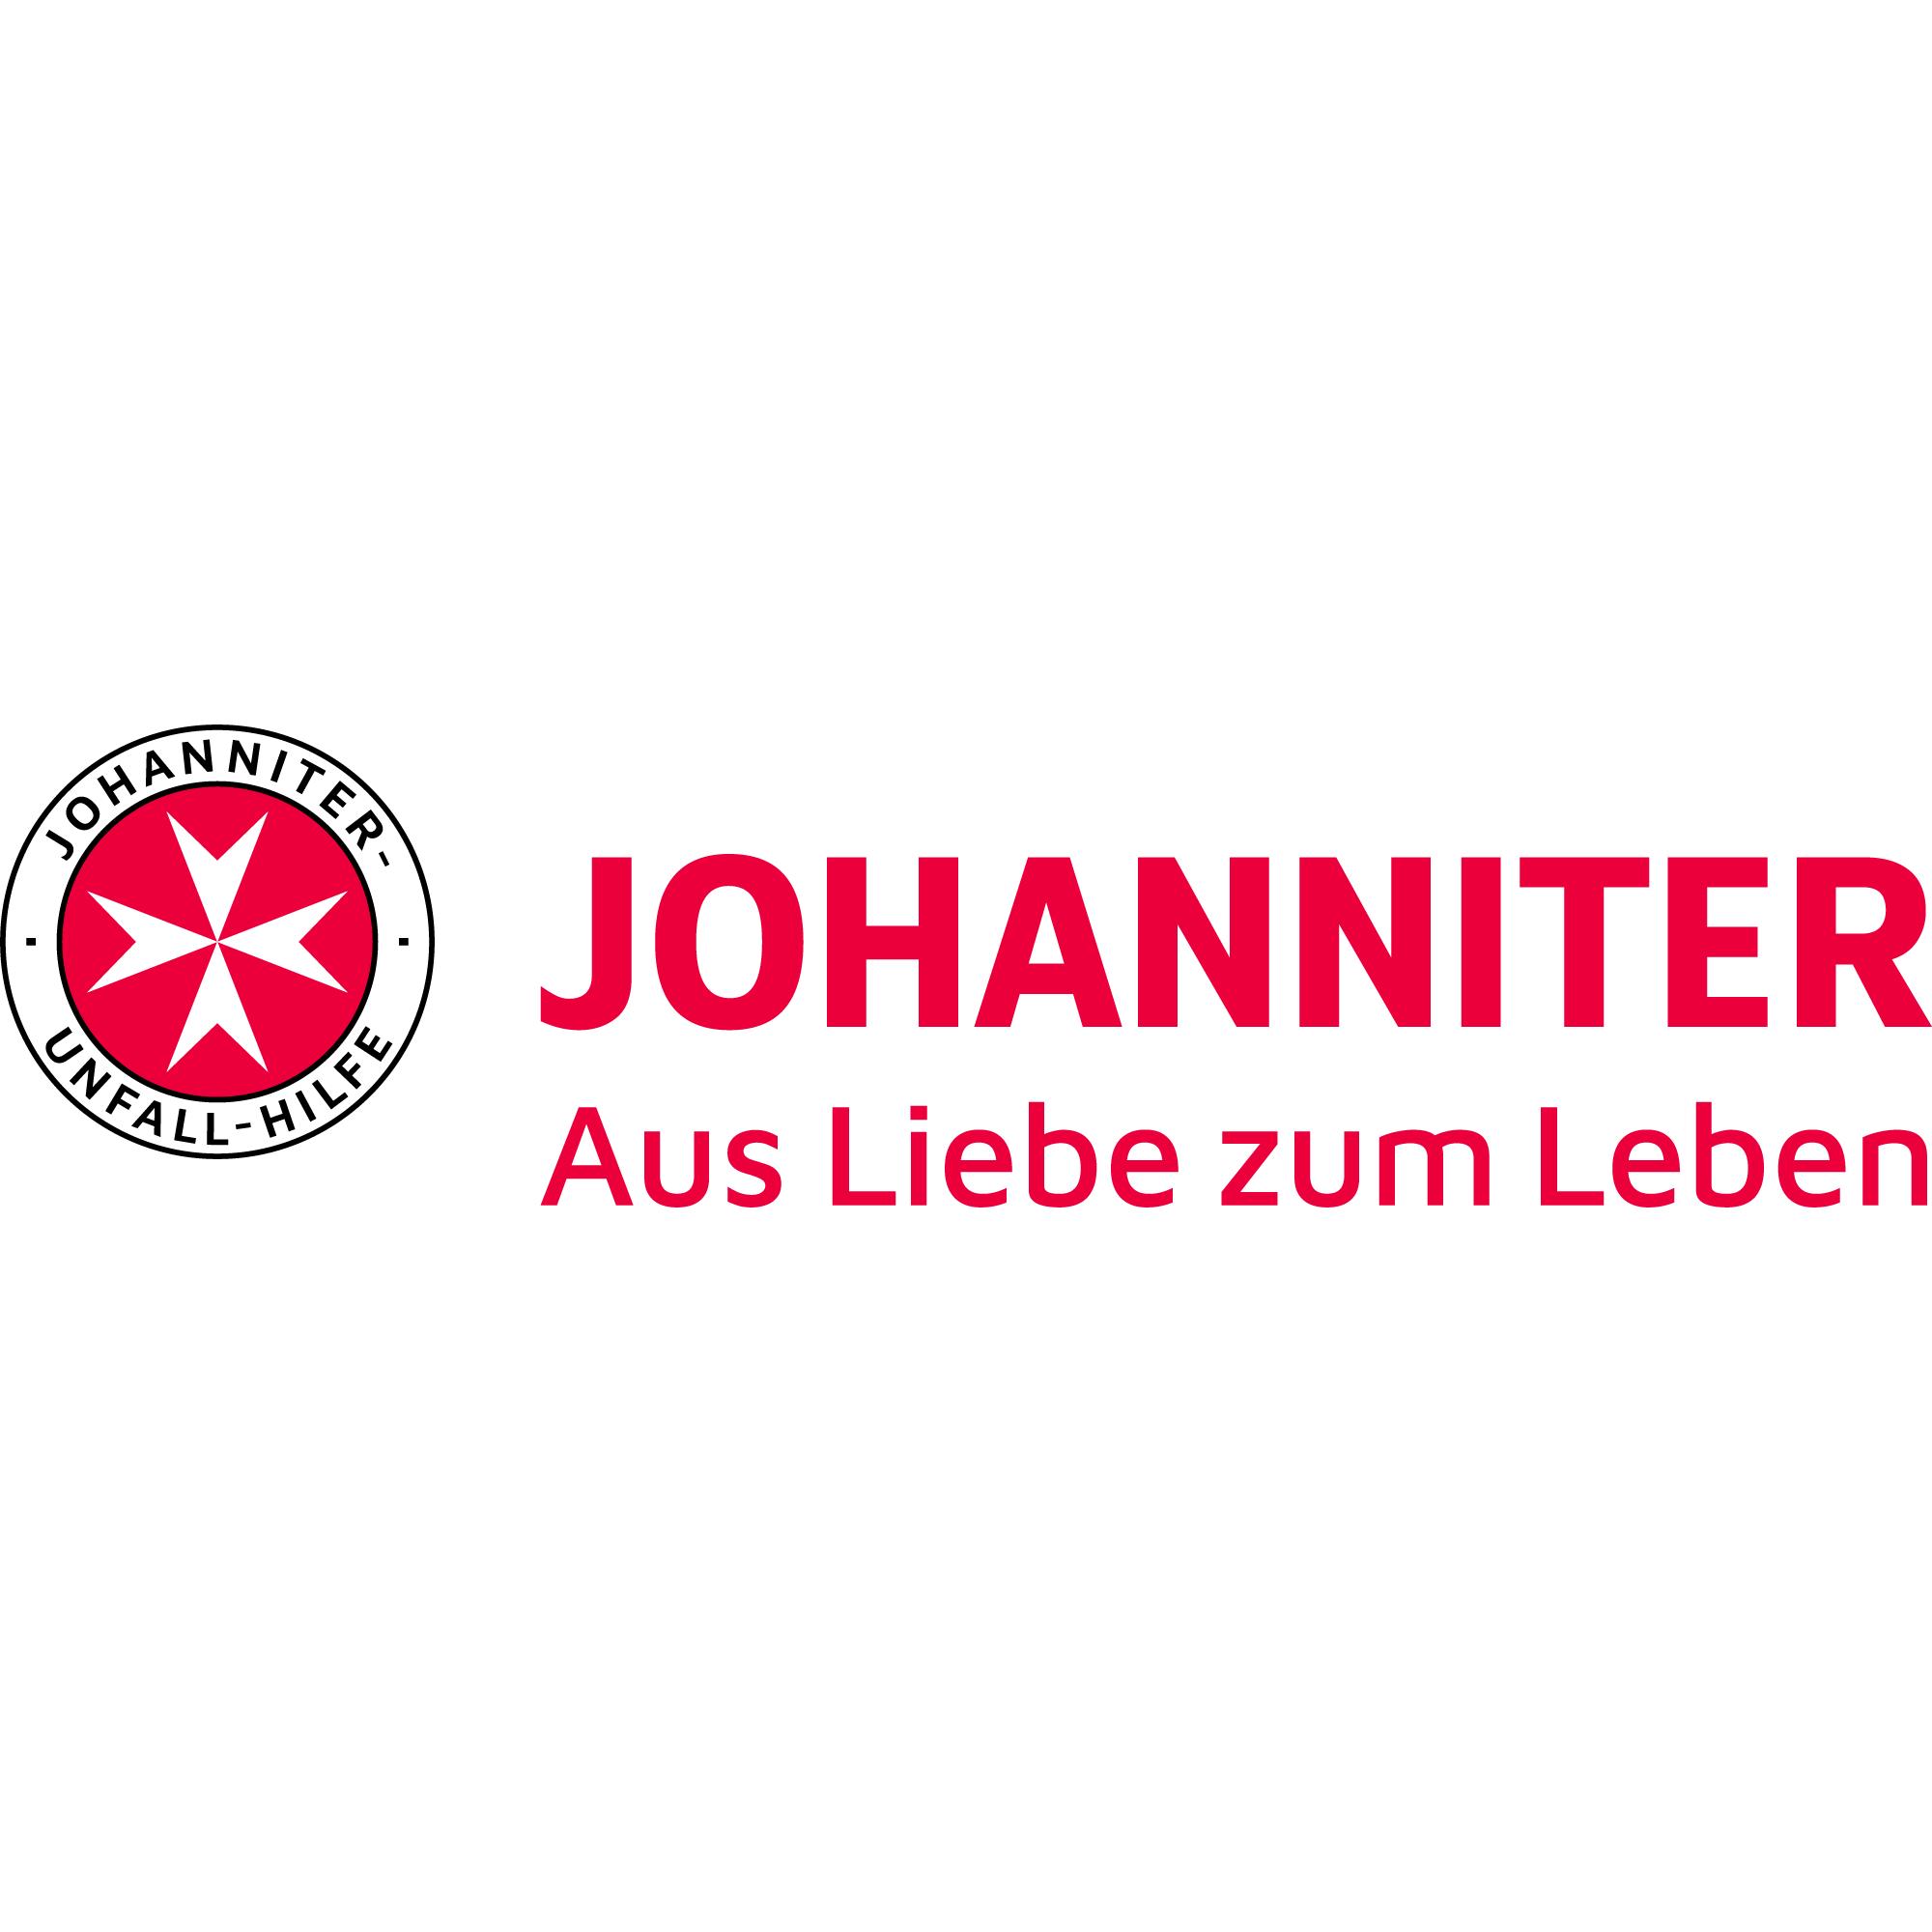 Bild zu Johanniter-Unfall-Hilfe e.V. Geschäftsstelle Düsseldorf in Düsseldorf